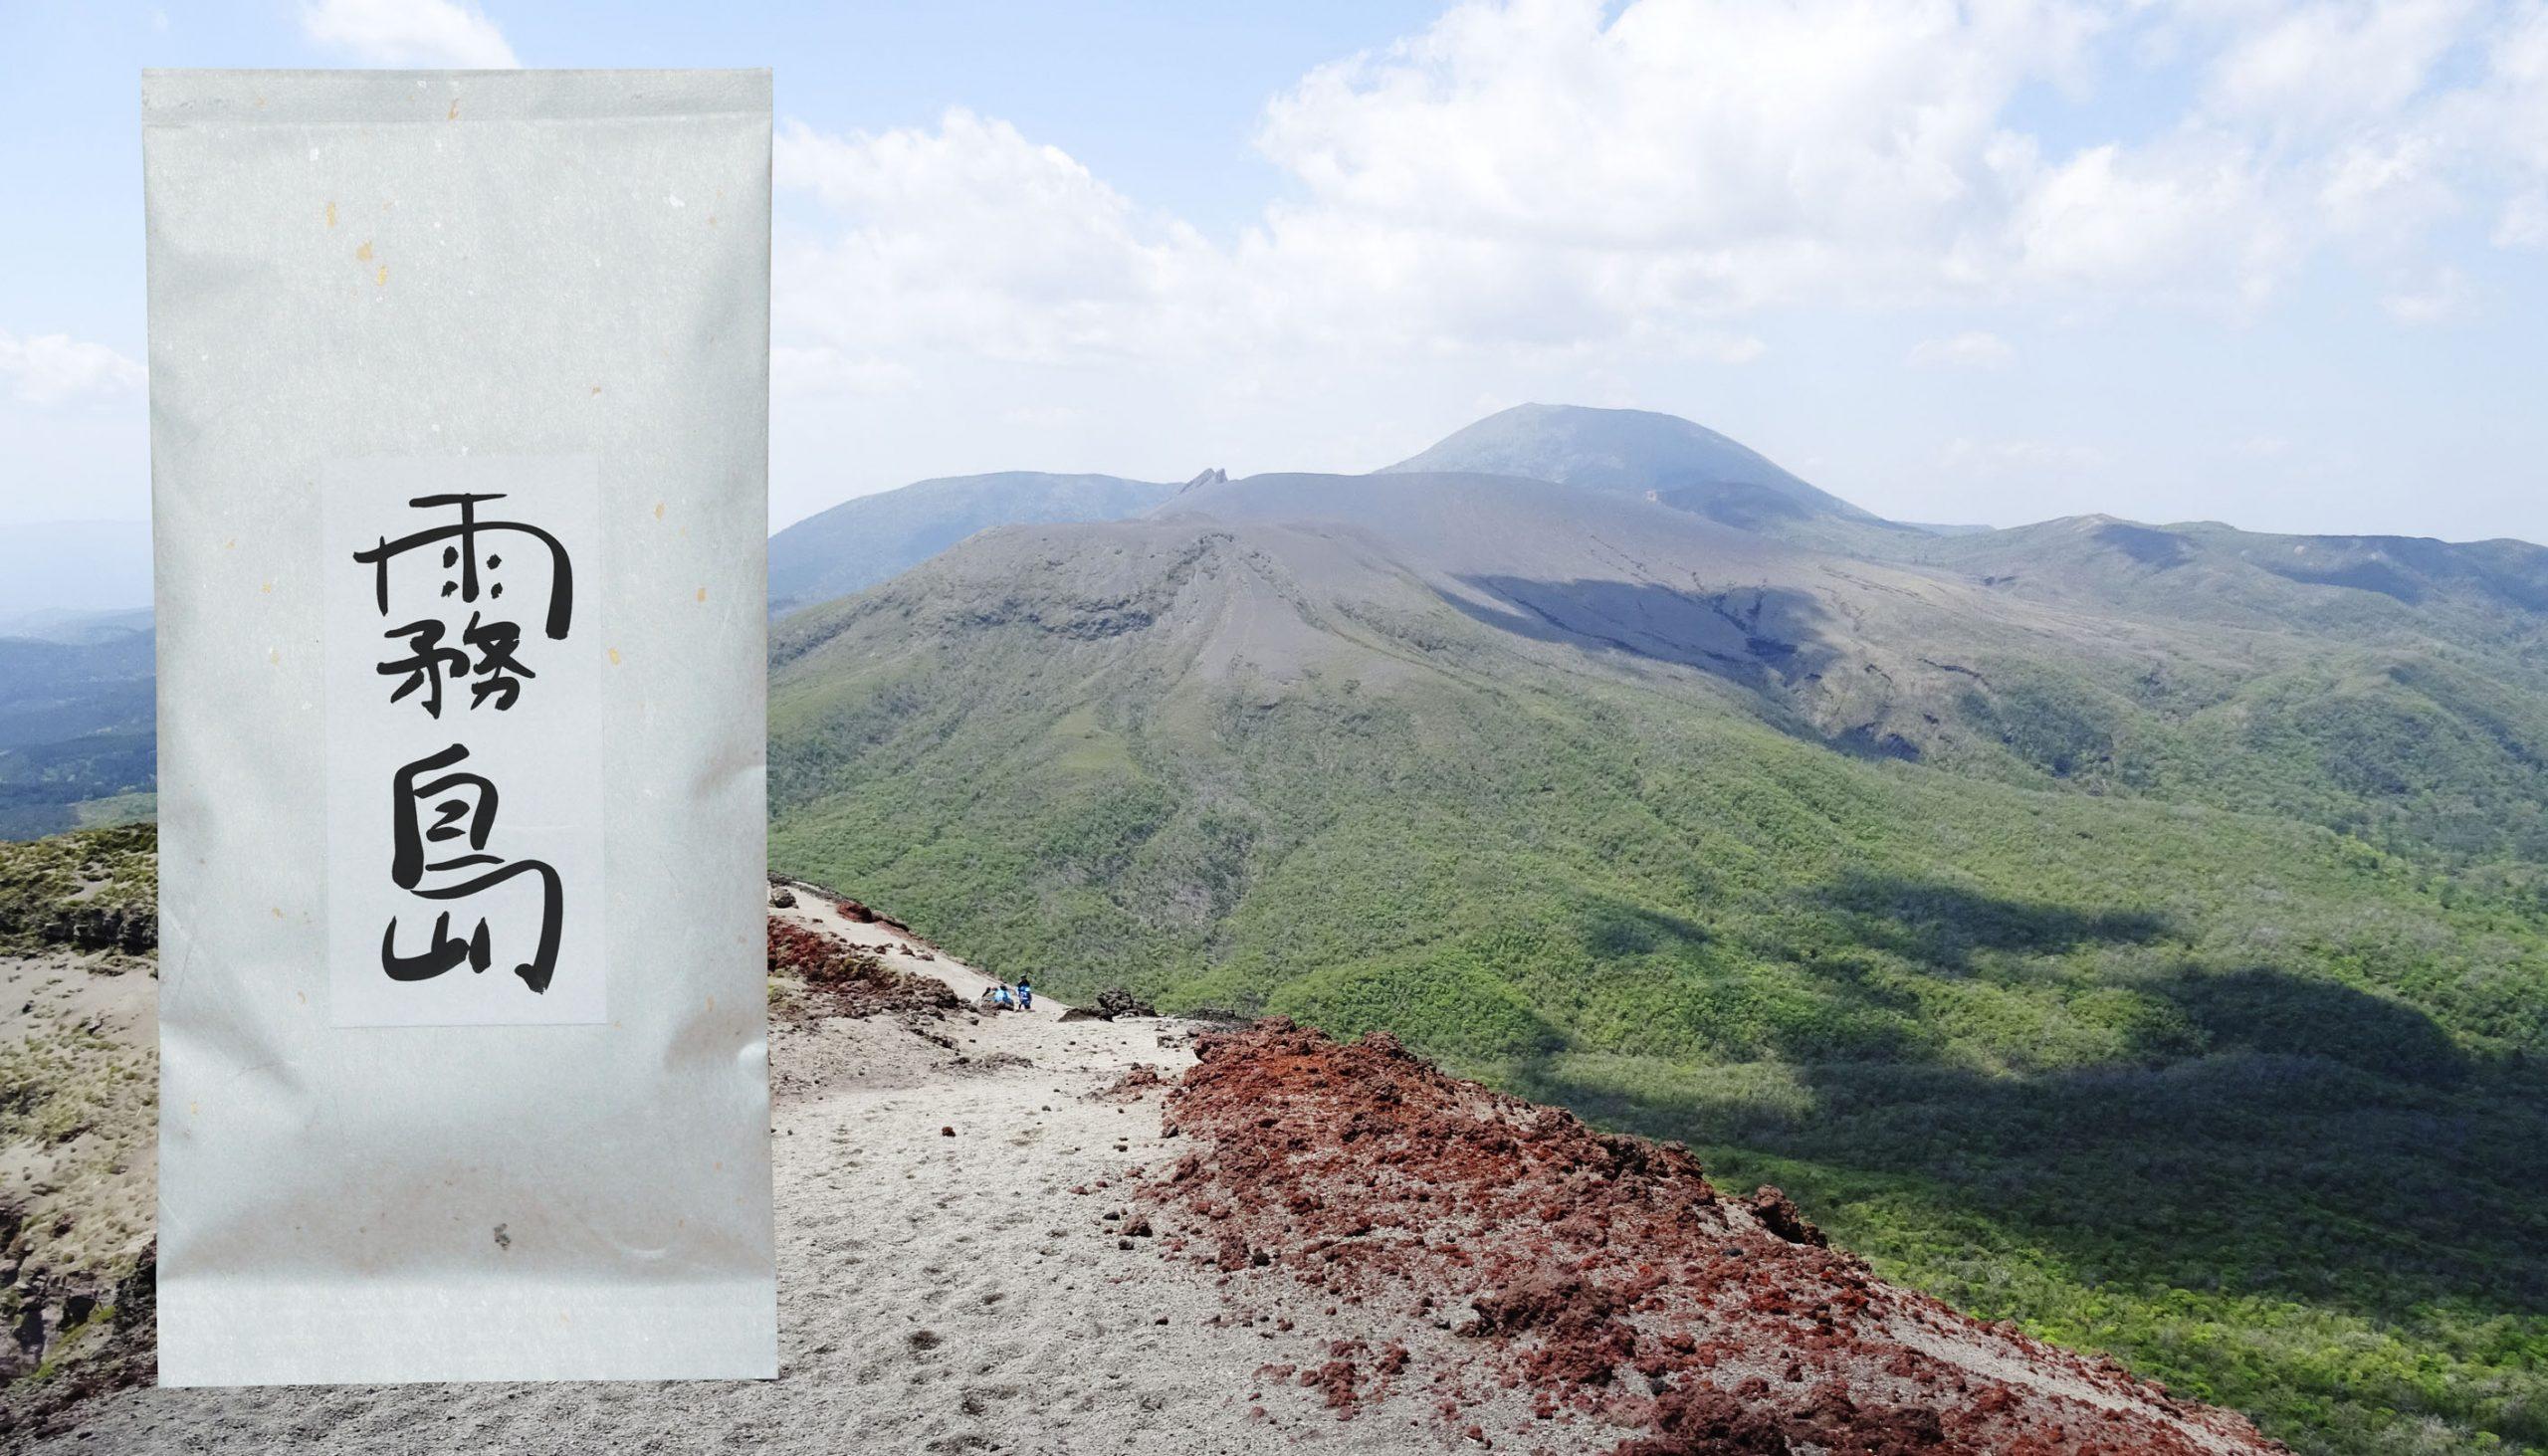 Kirishima volcanos and the Kirishima shincha from Asatsuyu bushes